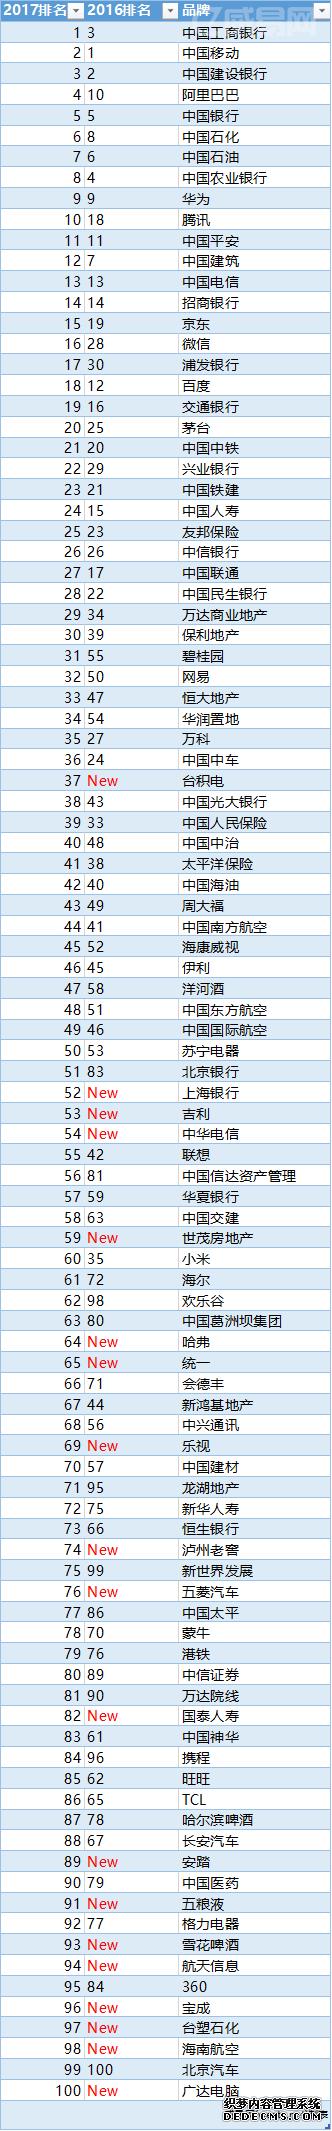 2017年度中国最有价值品牌排行榜(完整版)